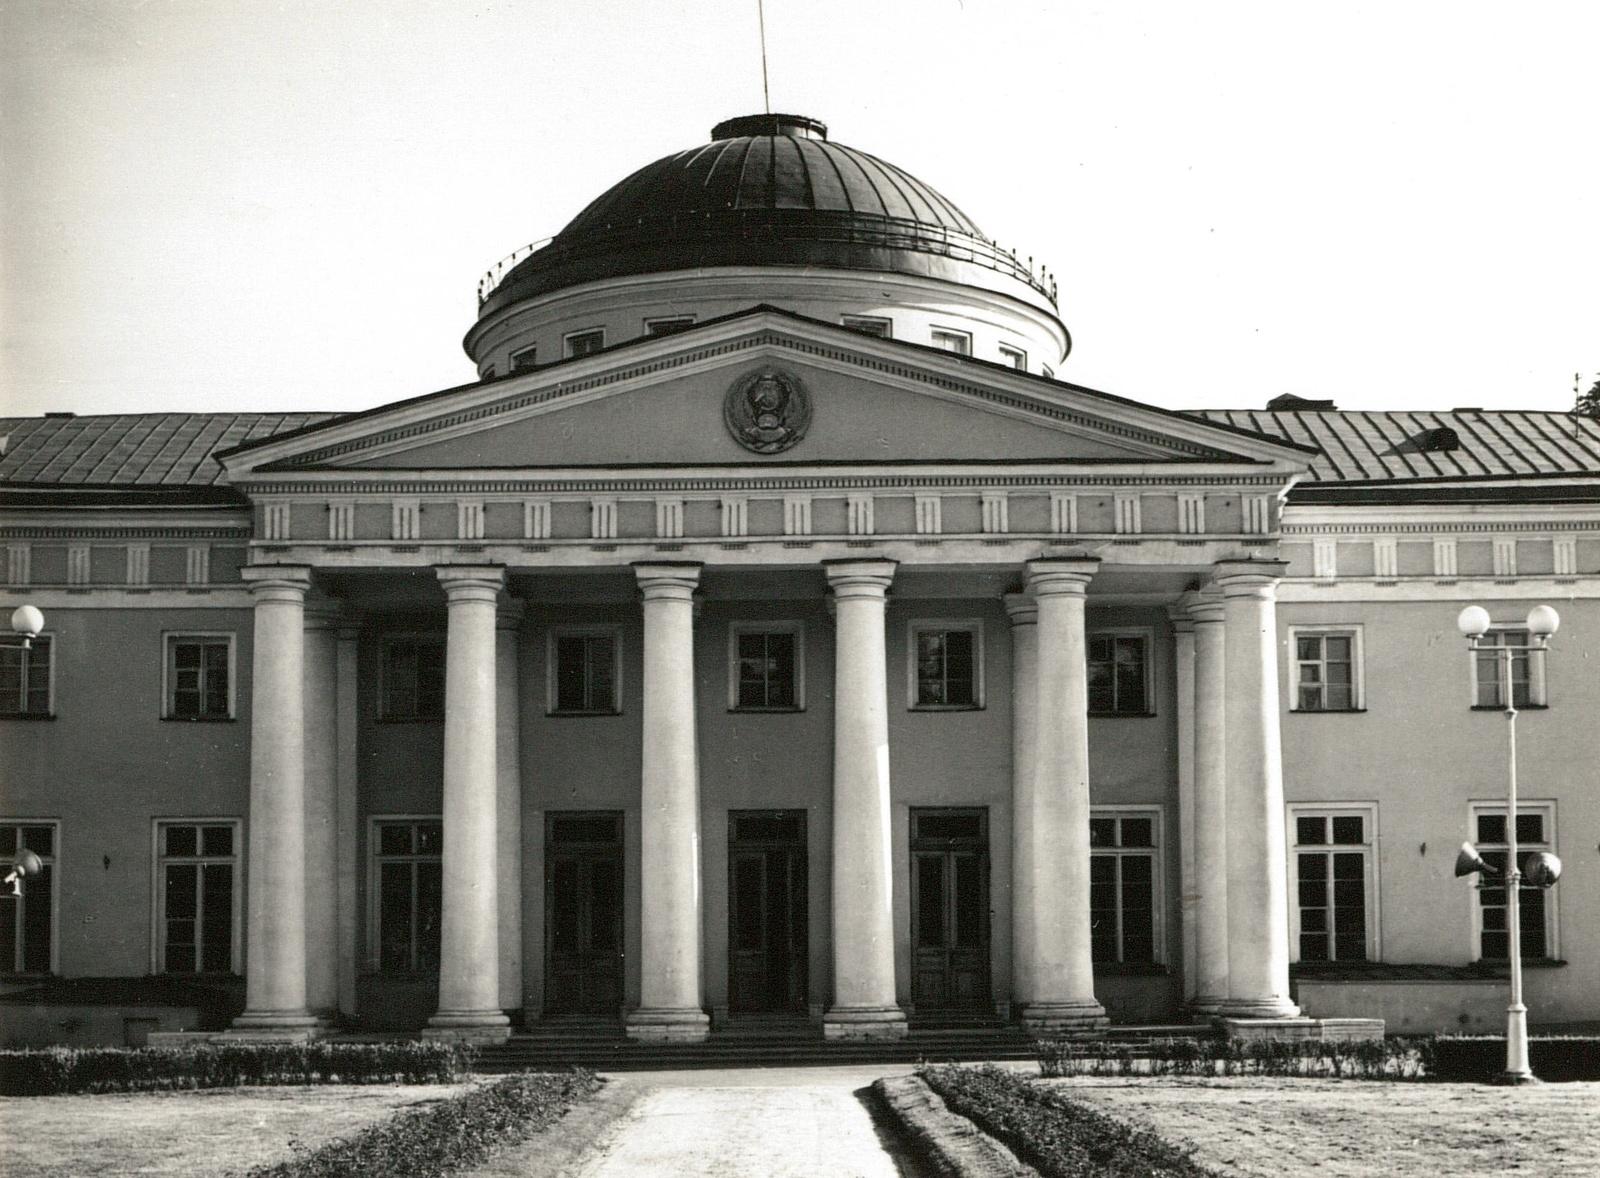 Ленинград. Таврический дворец